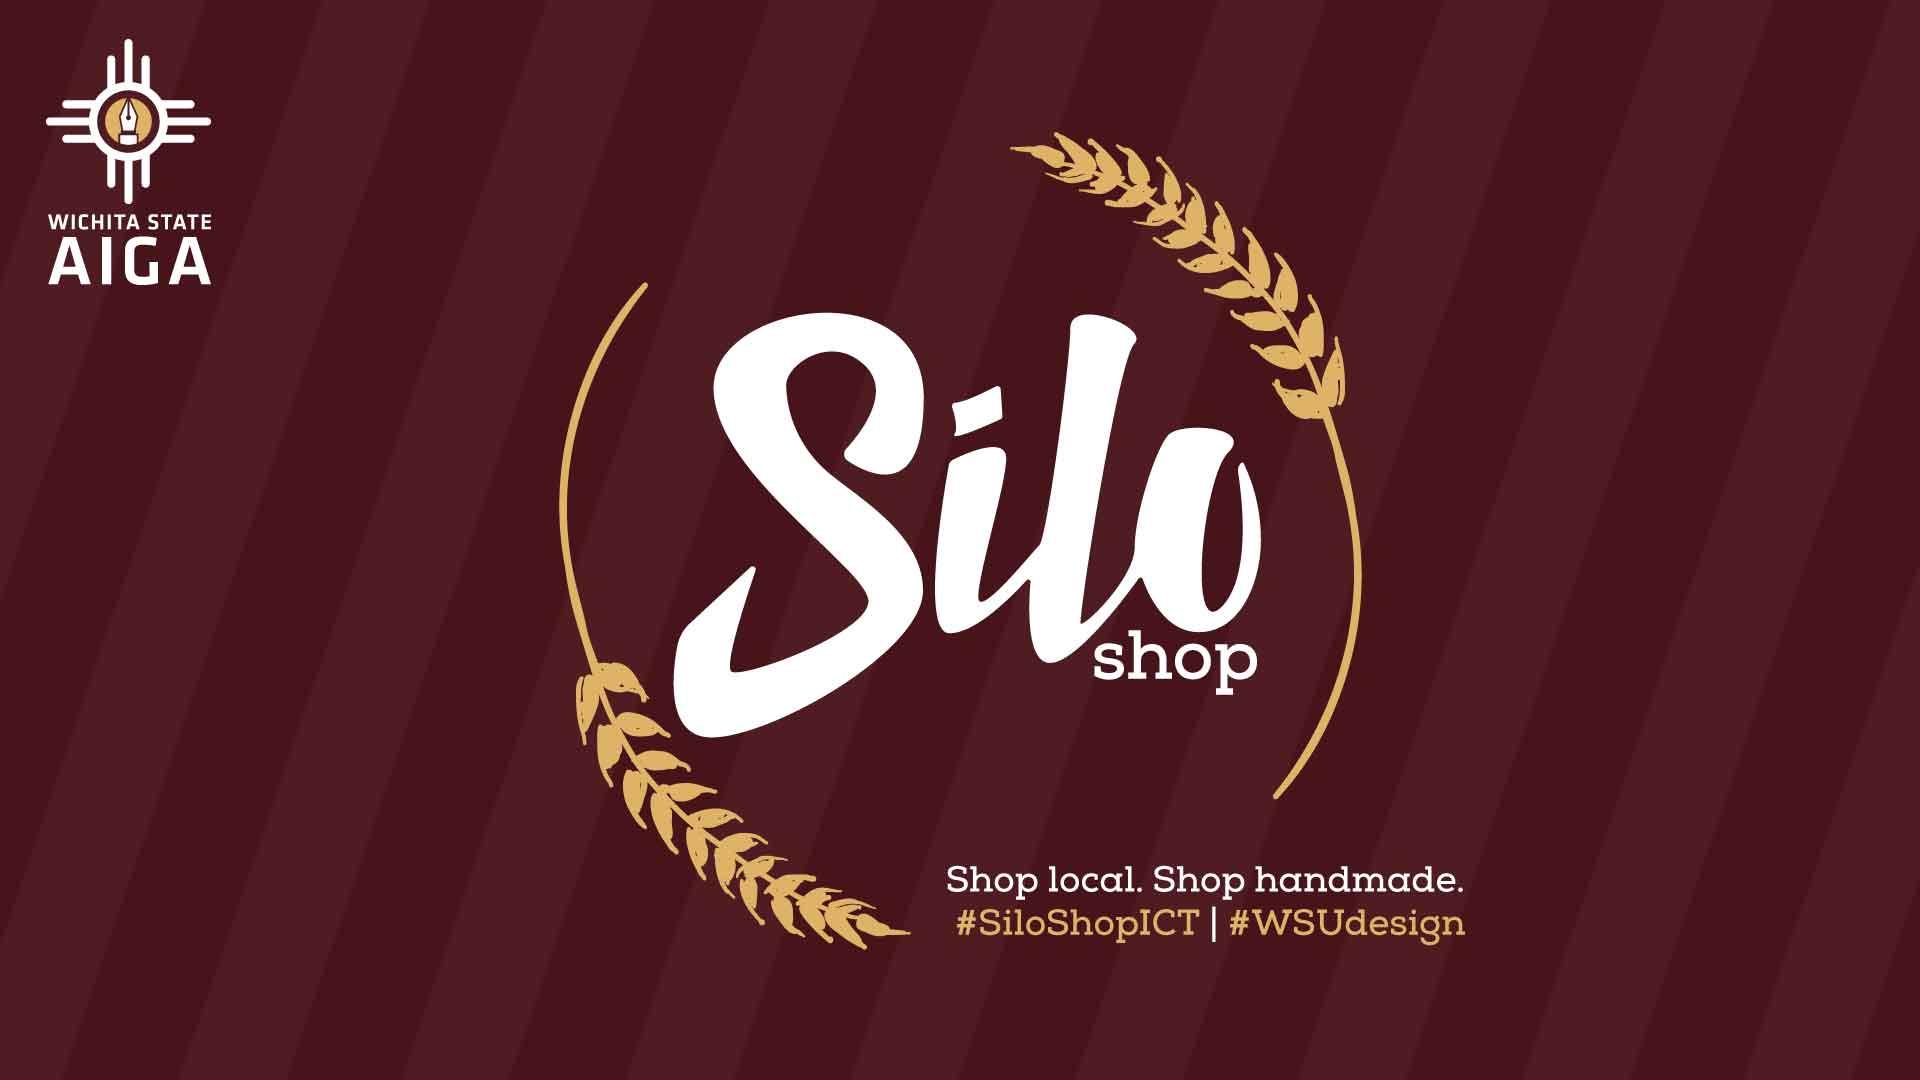 WSU Silo Shop 6ce03250d